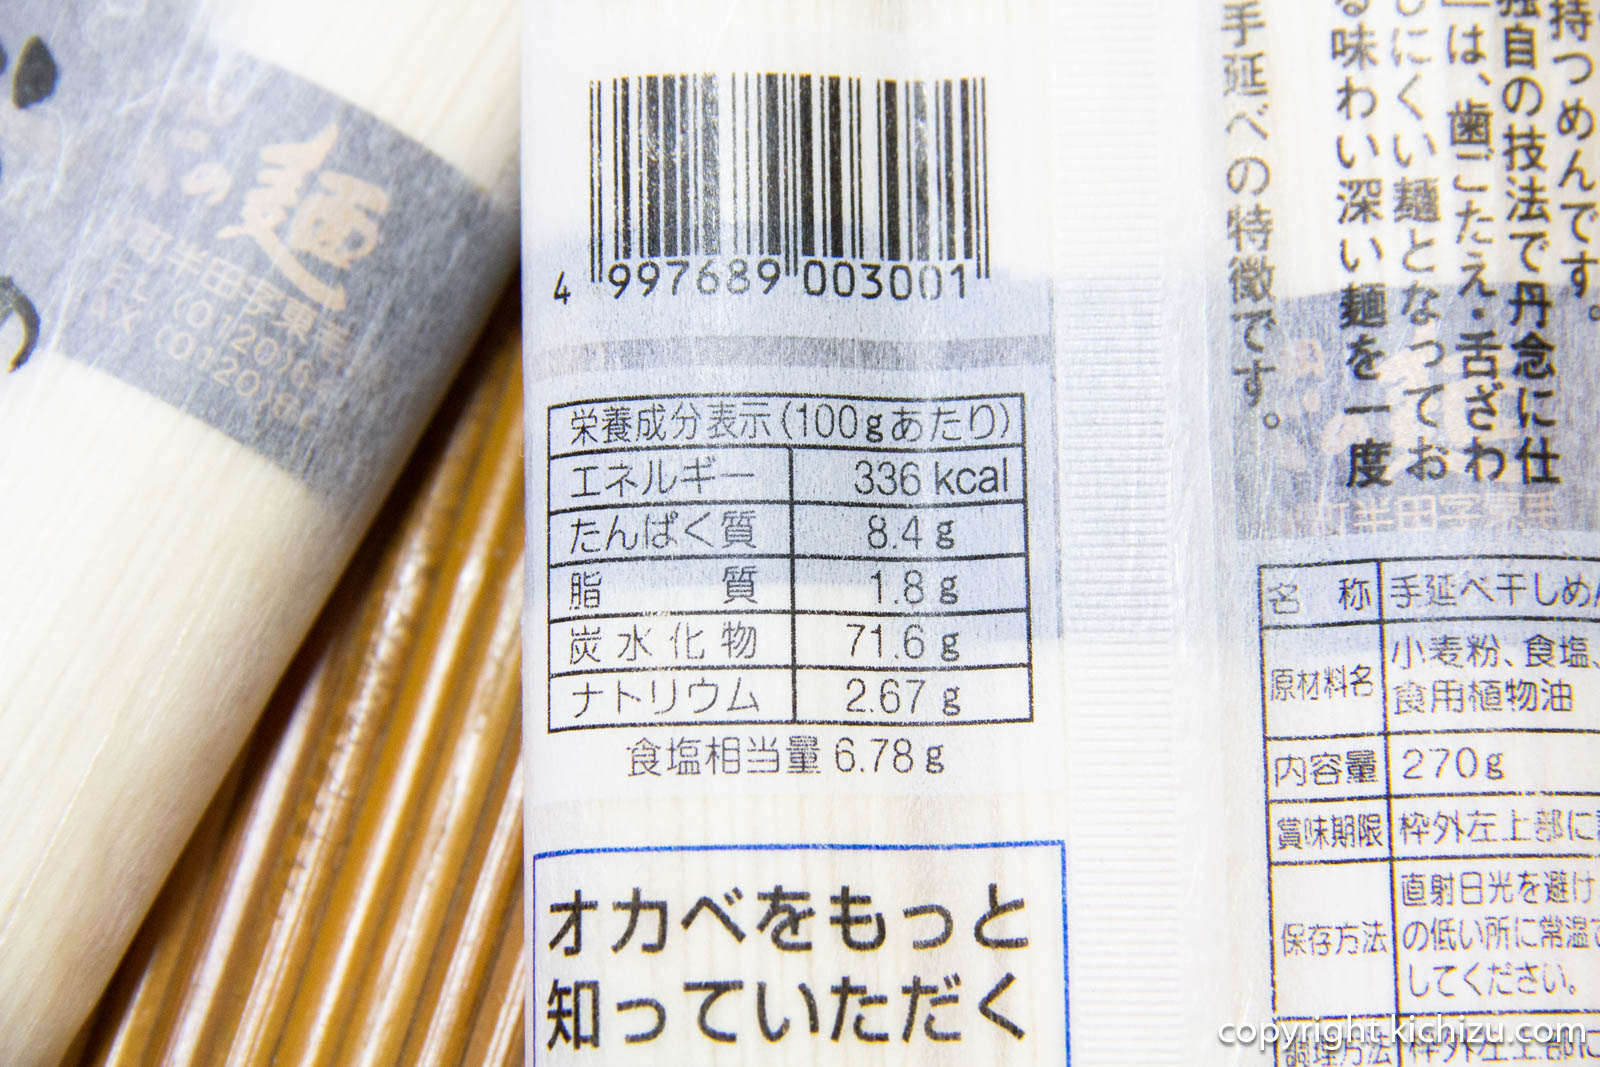 オカベの麺の栄養成分表示